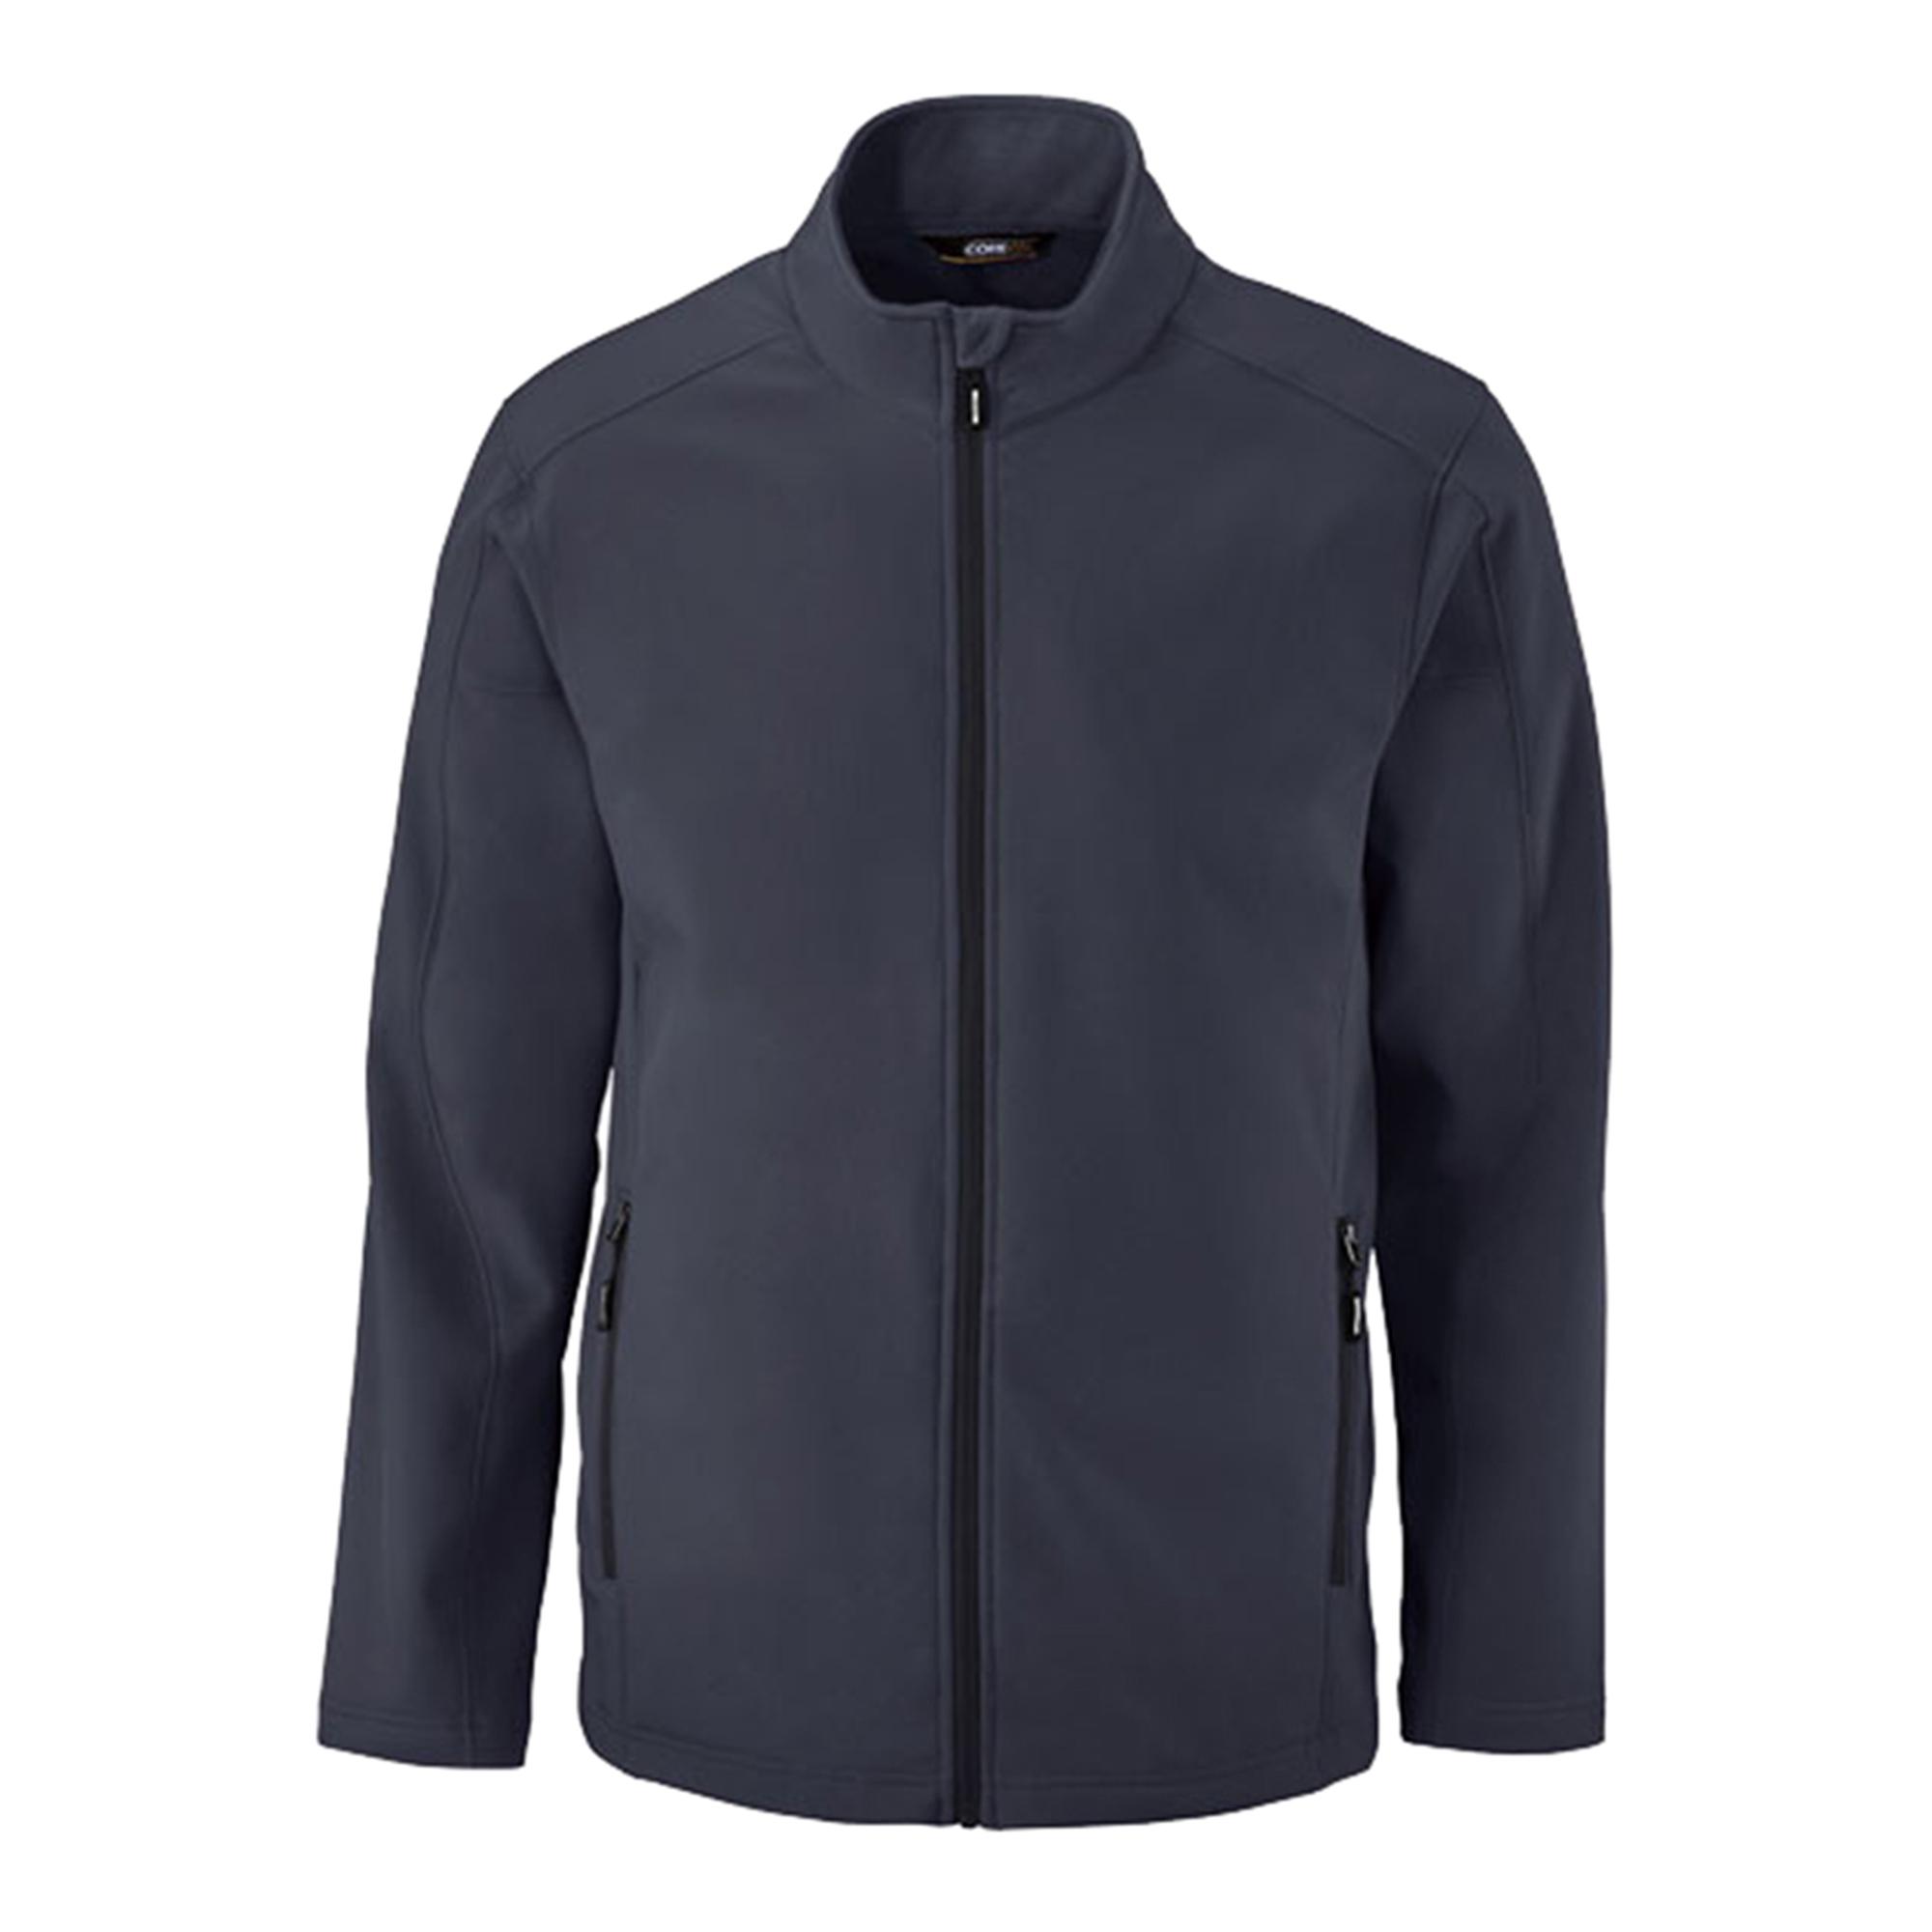 North End 88184 Men's Soft Shell Inside Left Pocket Jacket